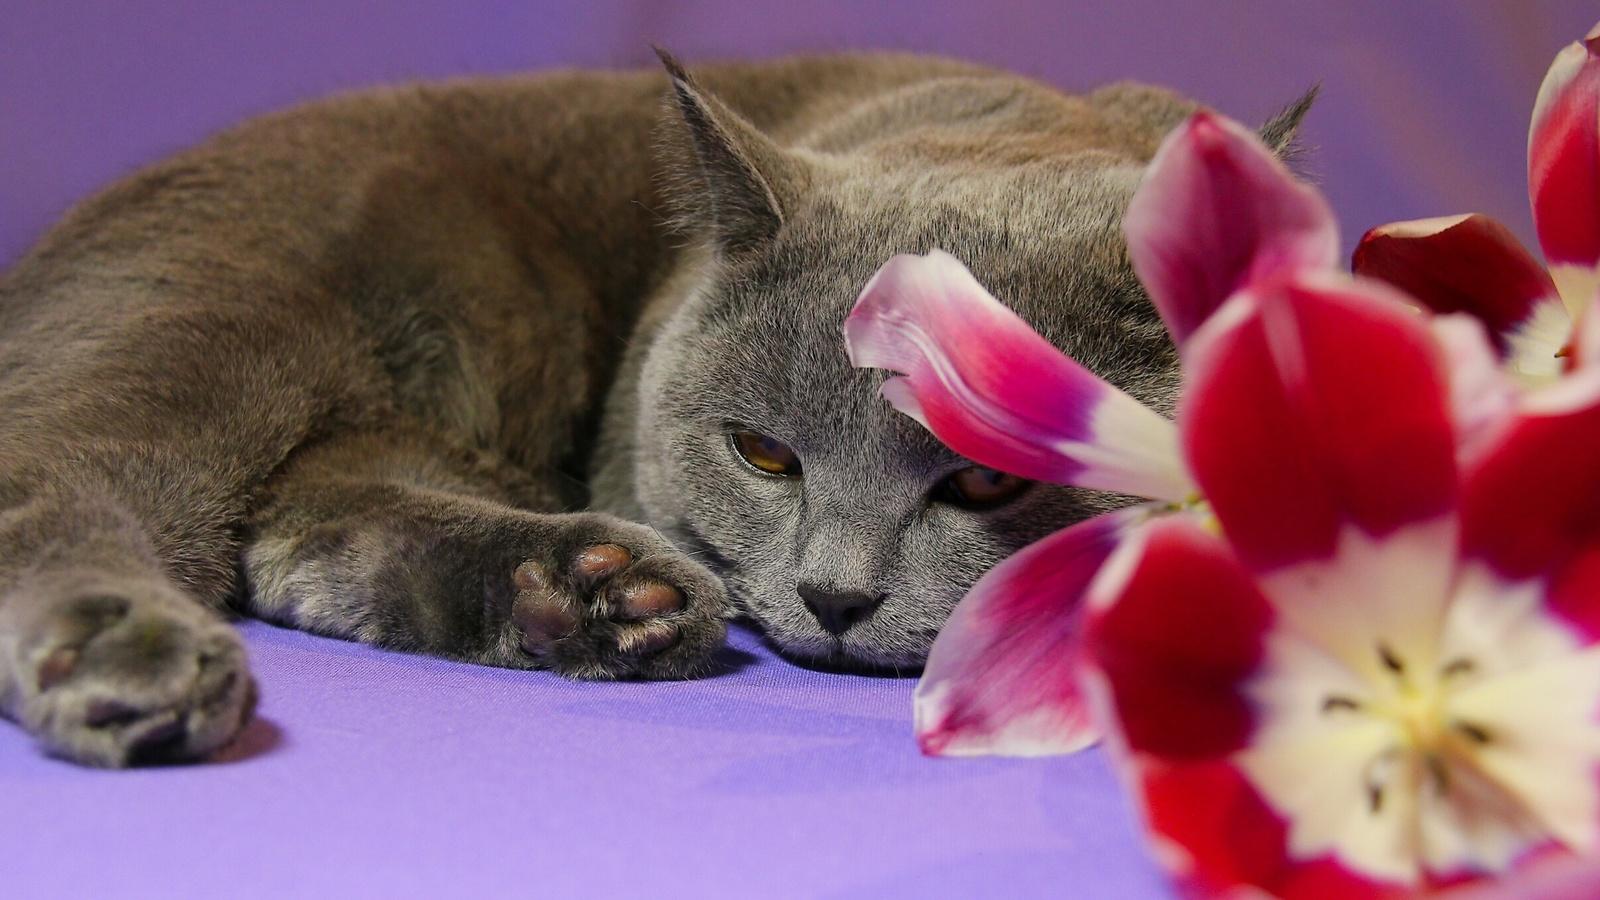 животное, кот, кошка, цветы, тюльпаны